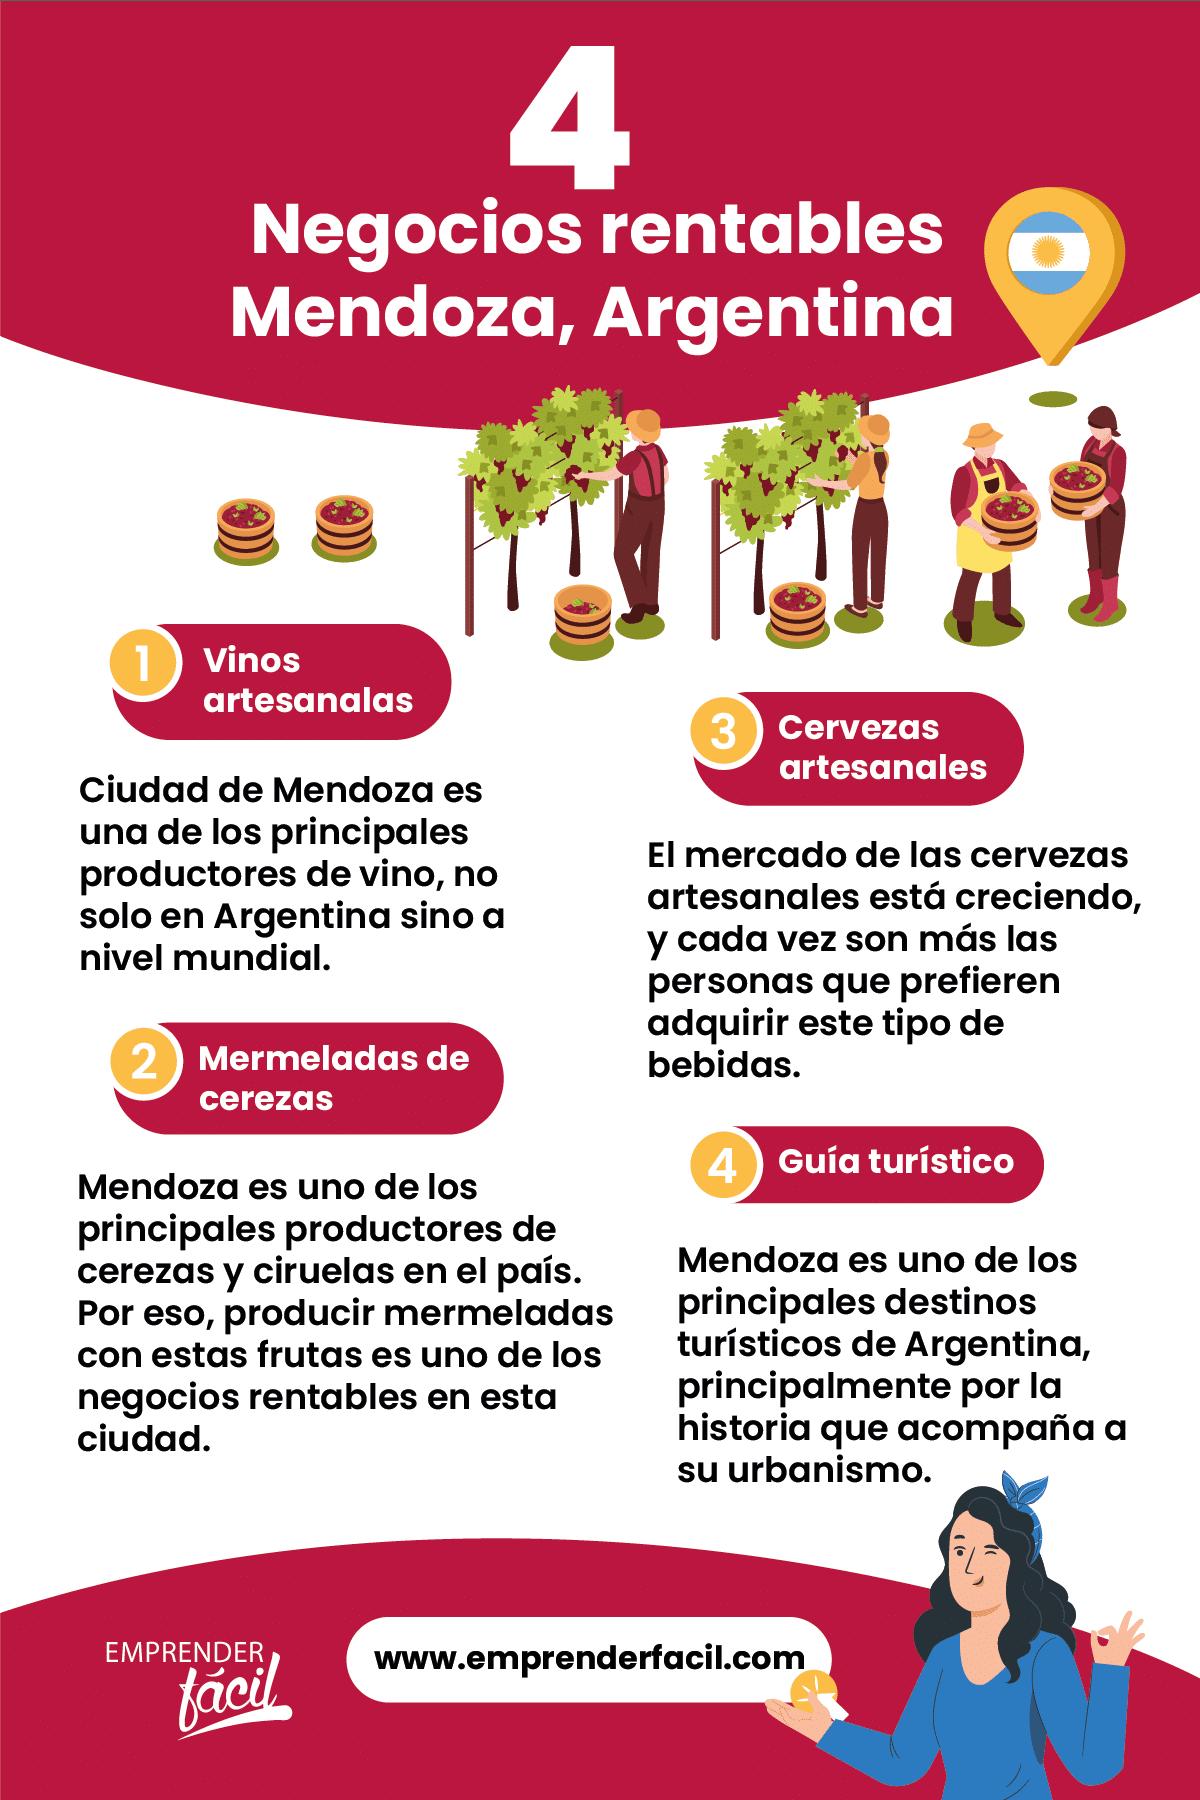 Negocios rentables en Mendoza, Argentina.